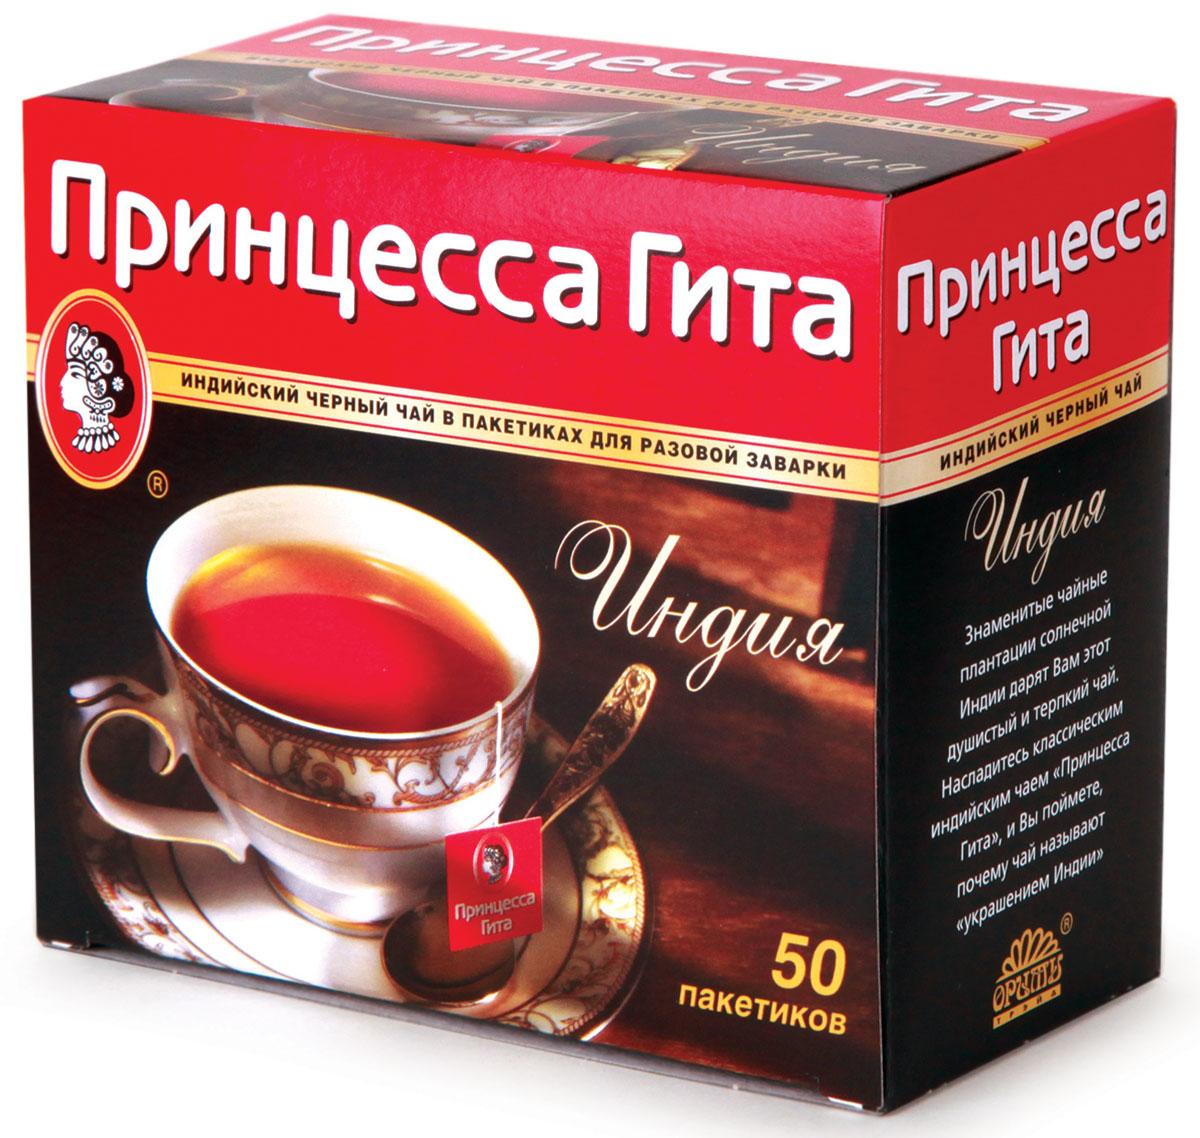 Принцесса Гита Индия черный чай в пакетиках, 50 шт0248-32Принцесса Гита - чёрный индийский чай. Яркий цвет настоя и приятный терпкий вкус сочетаются в этом чае с выраженным тонизирующим действием.